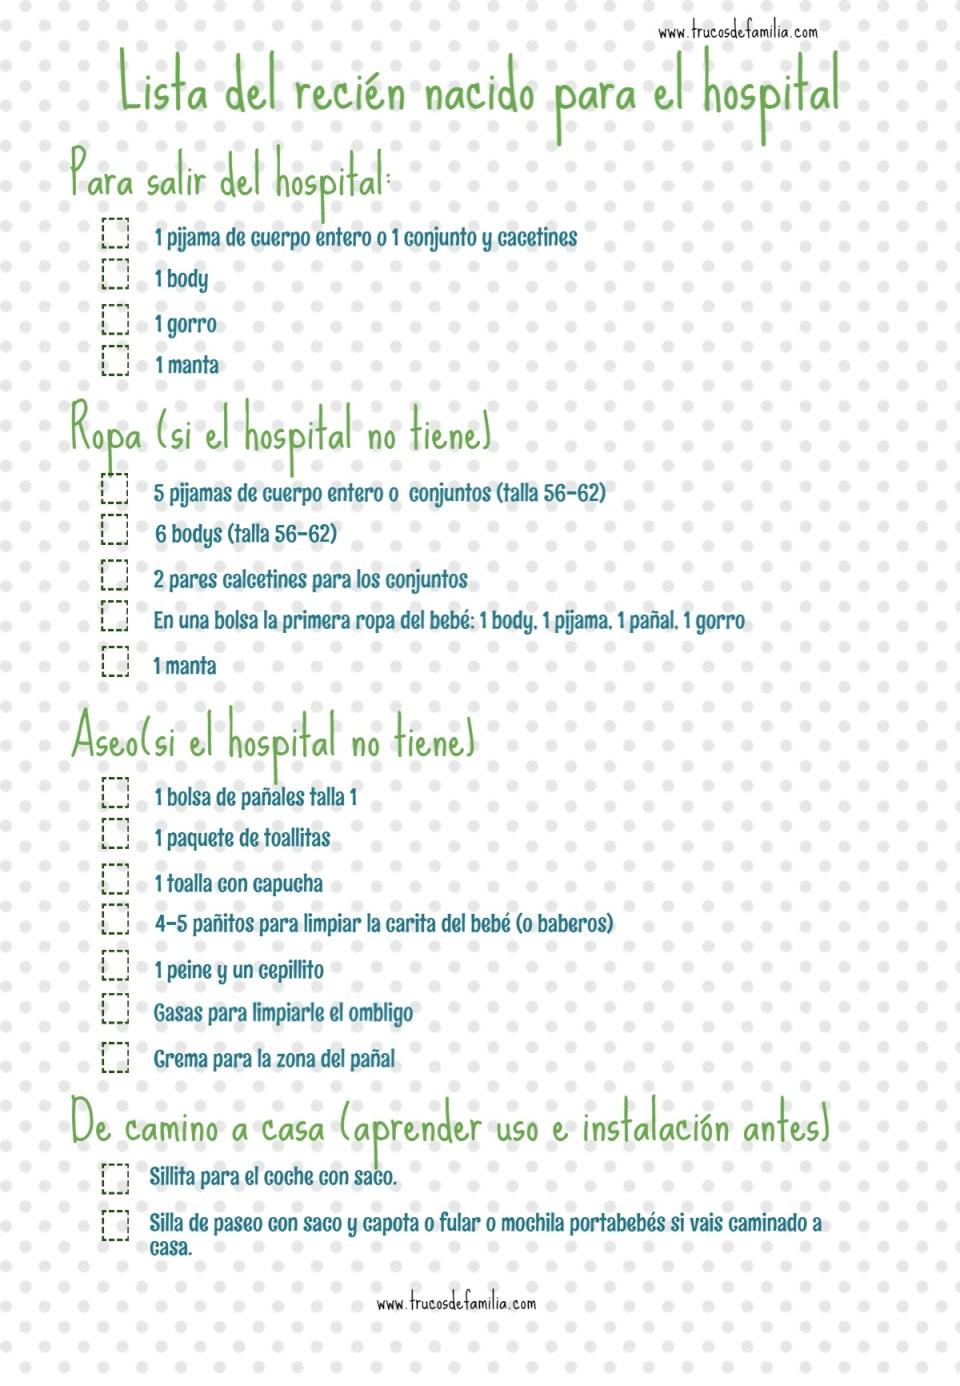 Checklist de la bolsa del recién nacido para el hospital